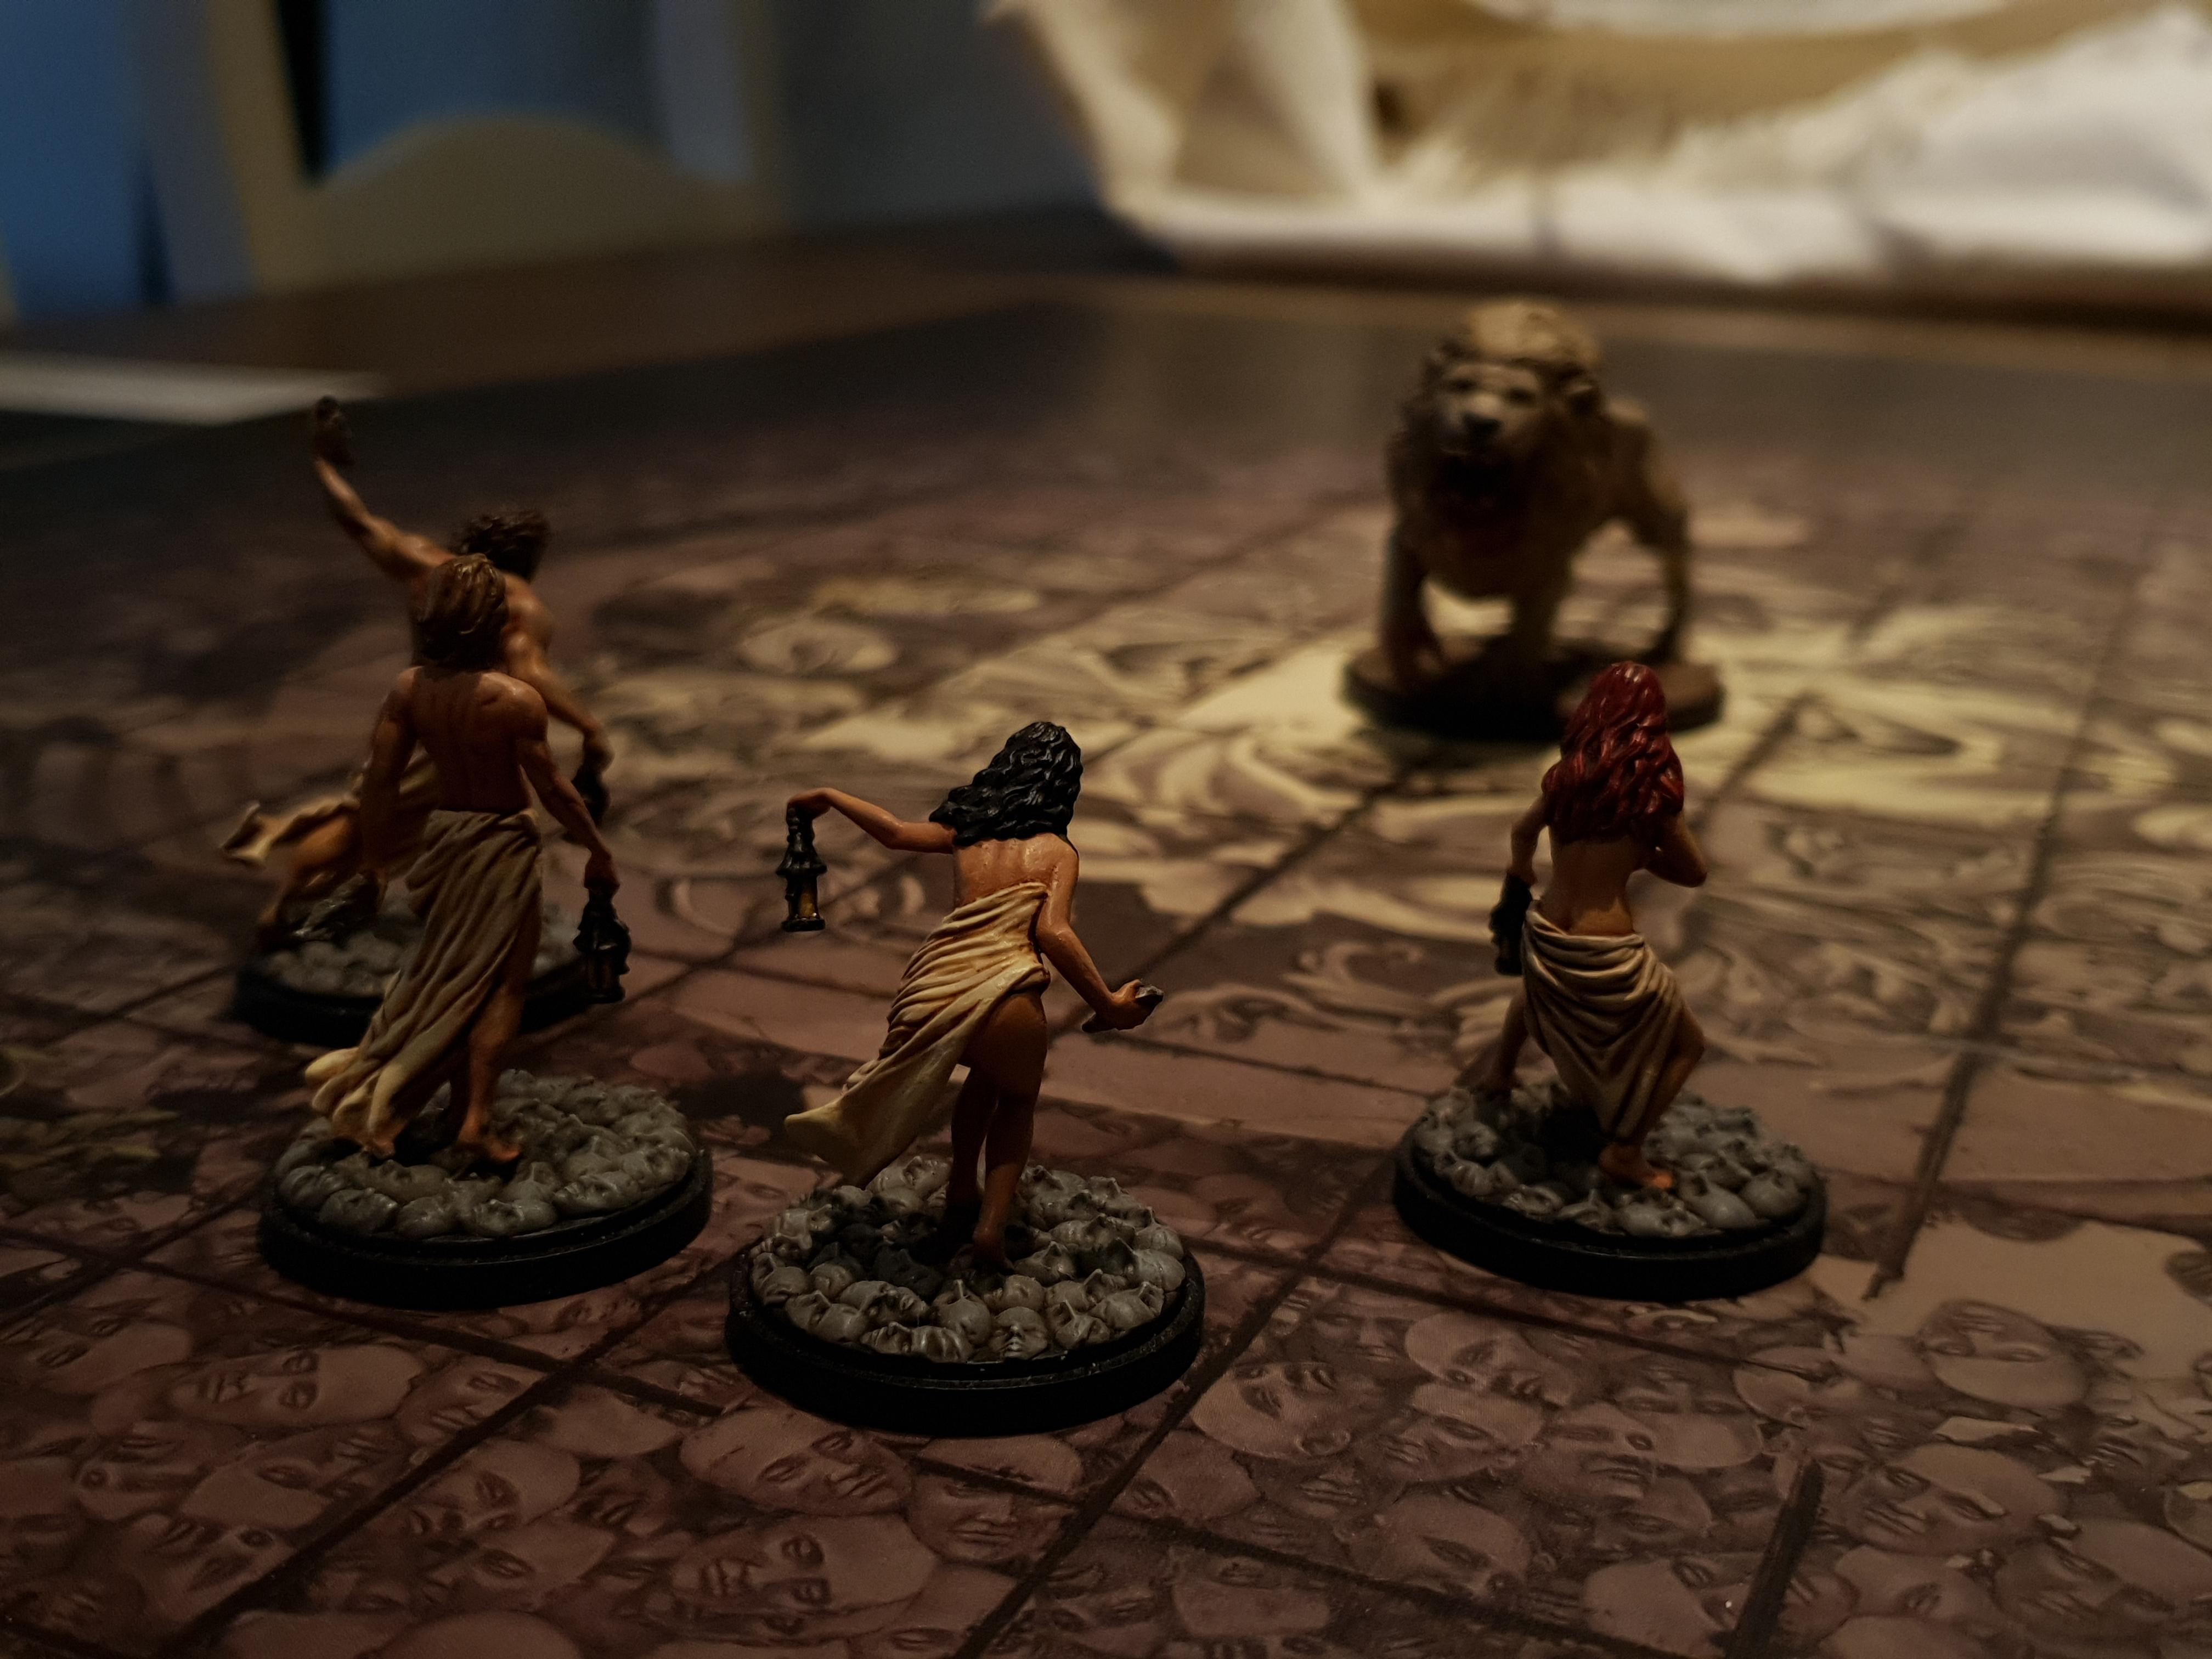 I LØVENS HULE: Slik ser spillets aller første monsterkamp ut – fire halvnakne stakkarer mot en blodtørstig løve.